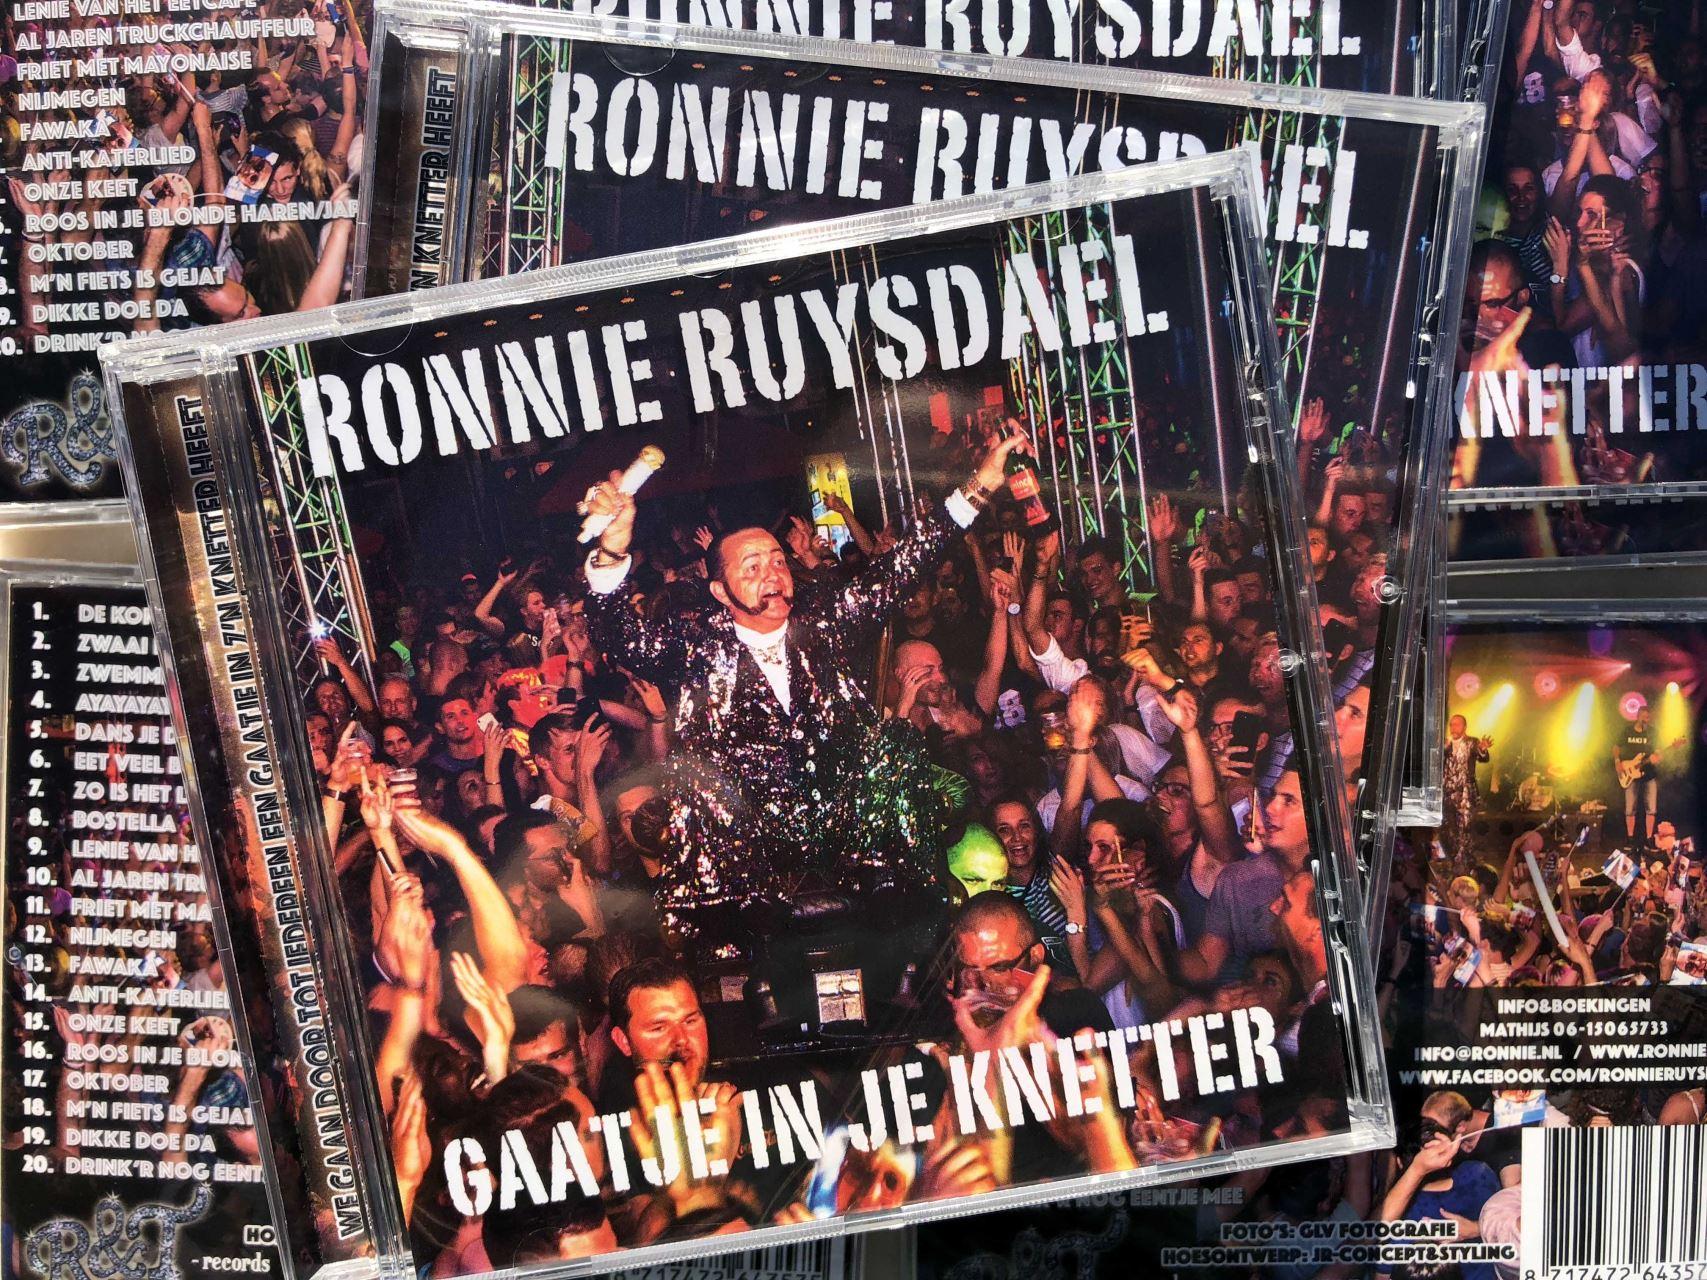 Ronnie_Ruysdael_Gaaje_in_je_knetter